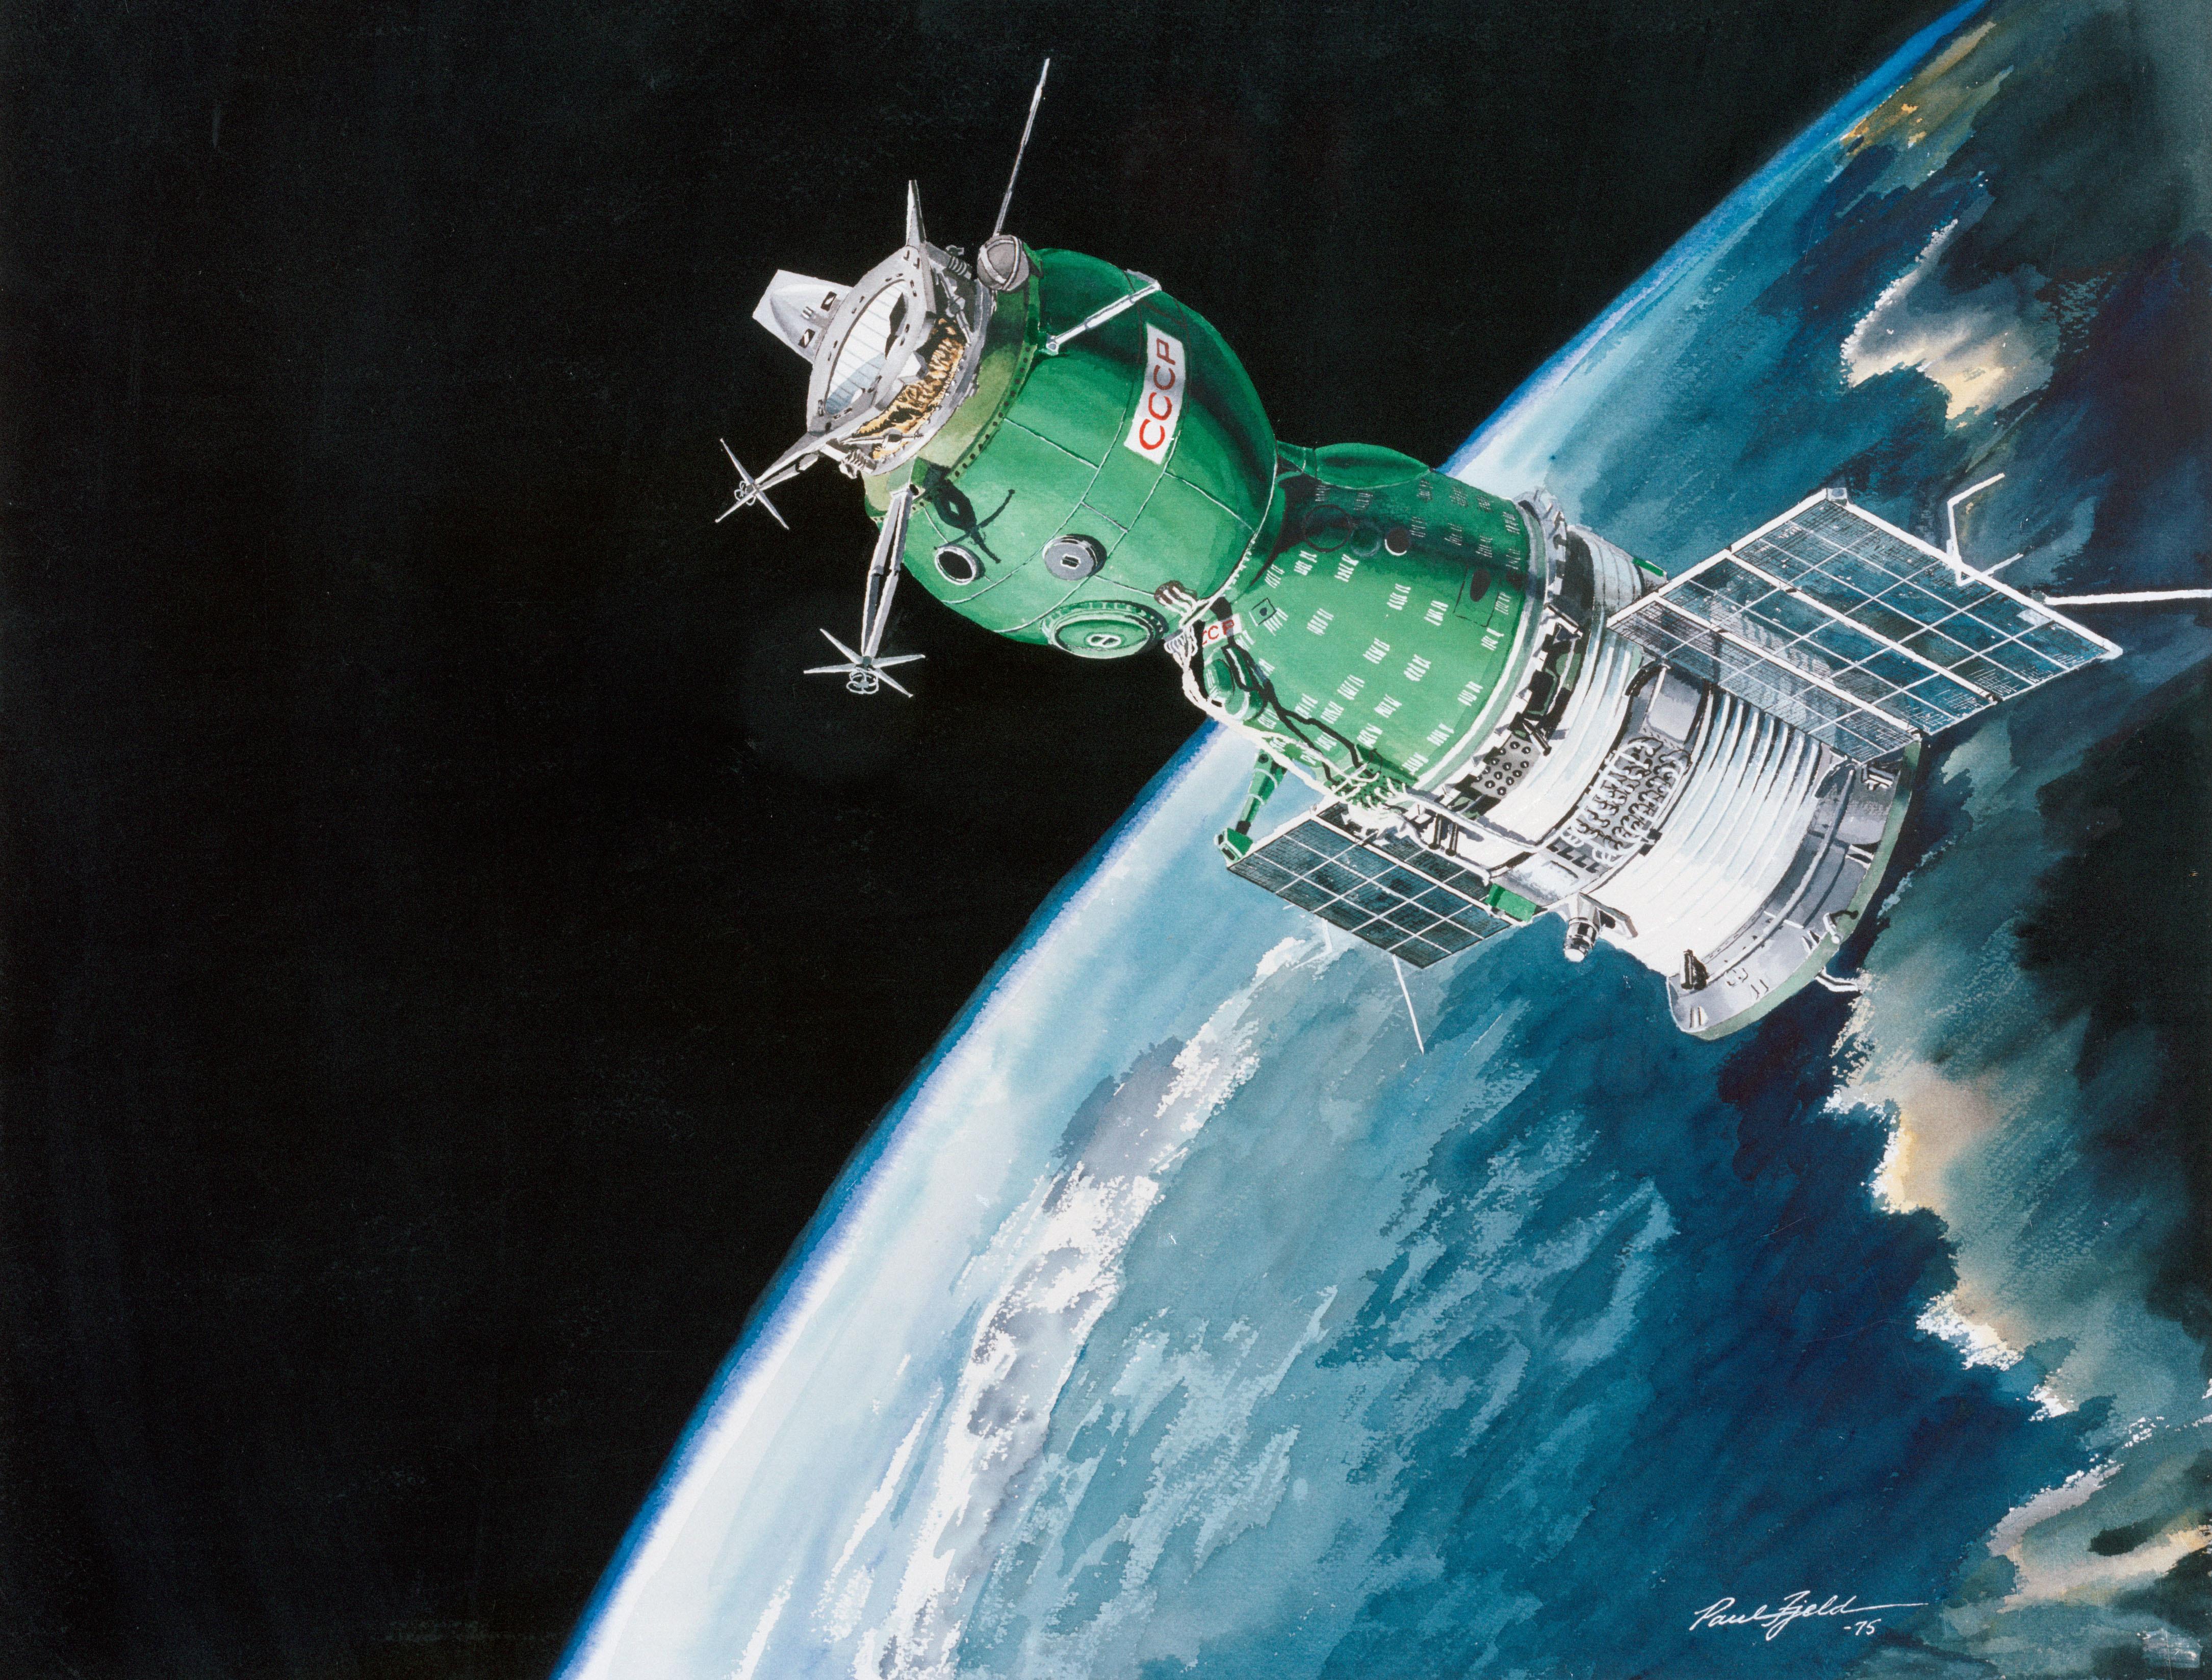 для картинки космоса с космическими кораблями оформления